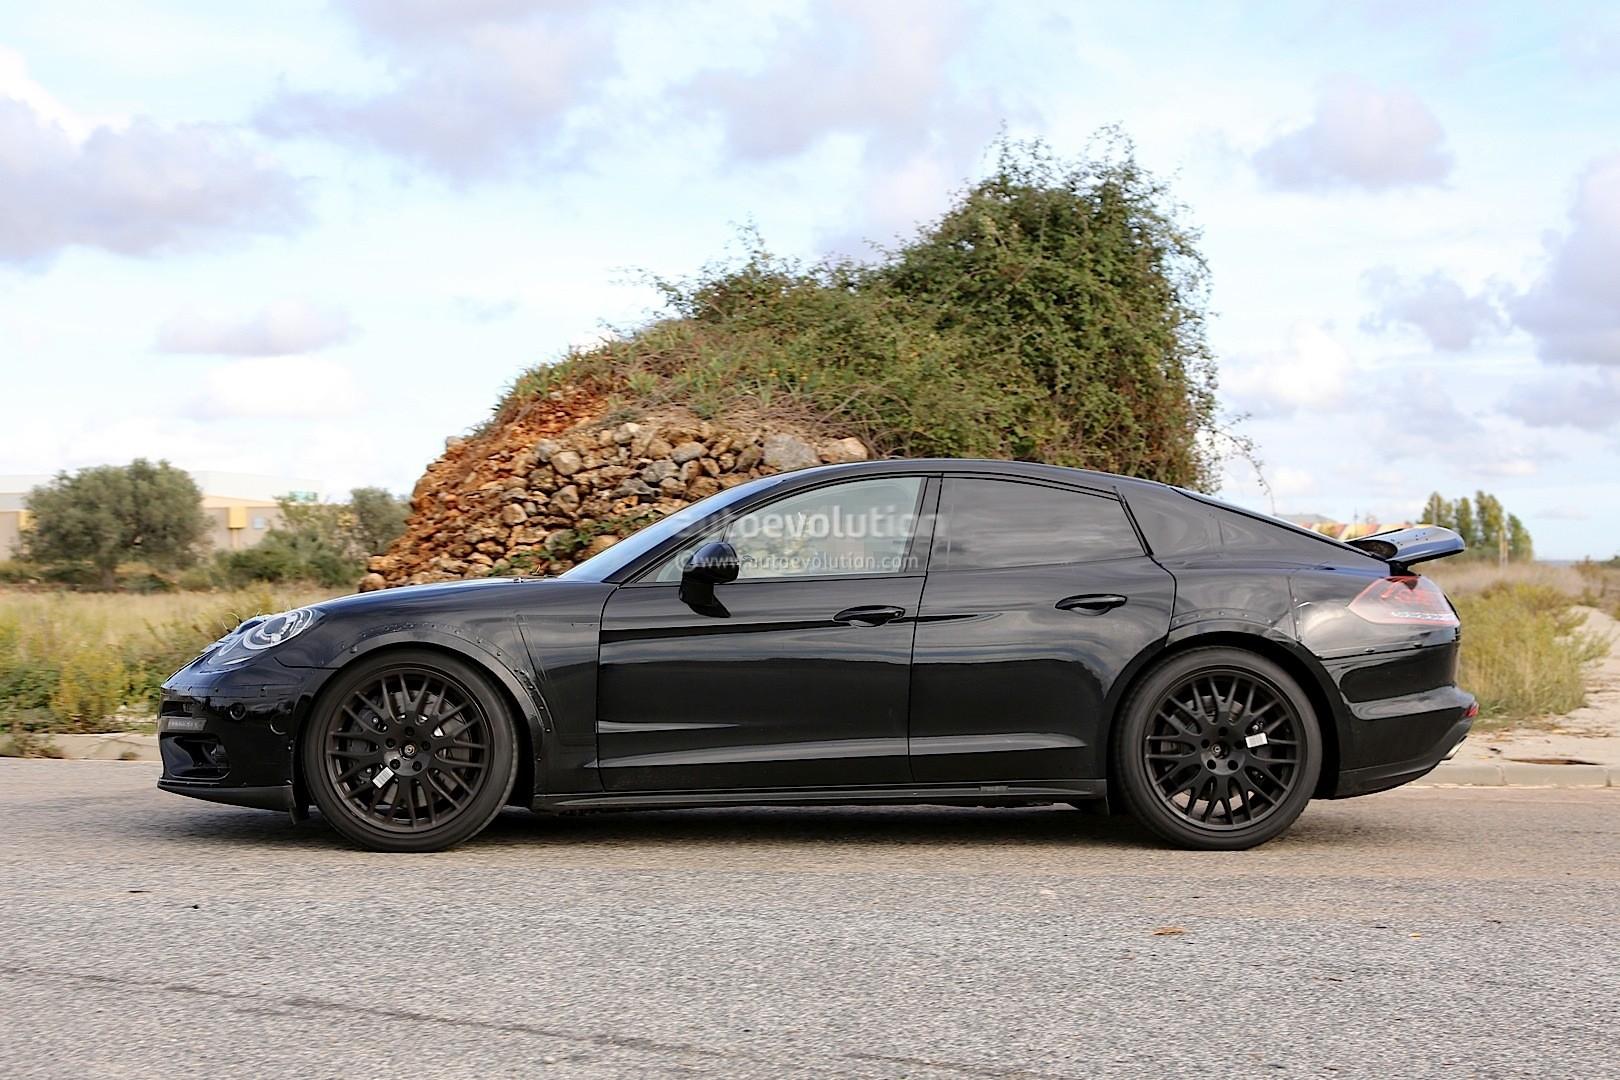 2018 Bentley Continental Gt Spied Hiding As Porsche